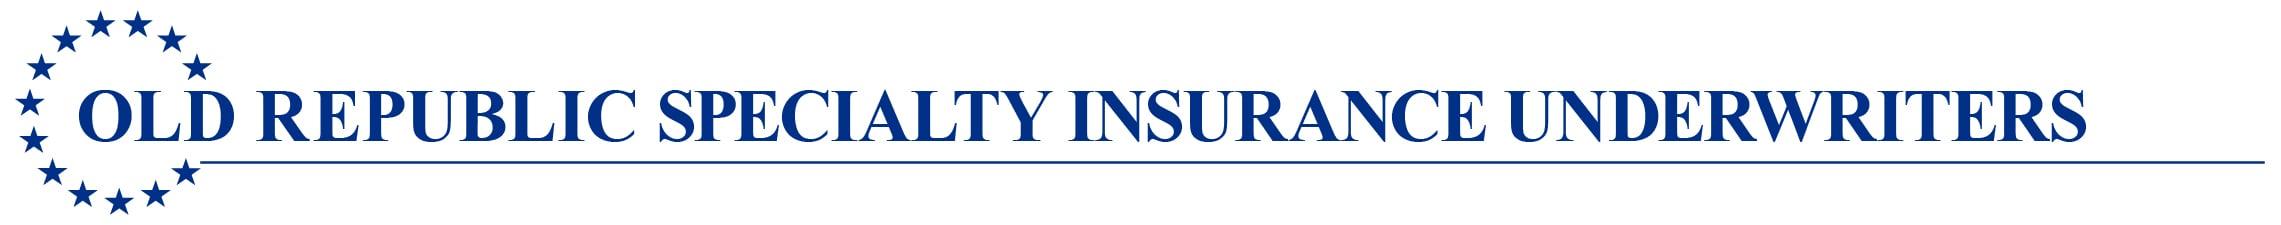 04 - SpecialtyInsurance_RGB_LongLine_Market